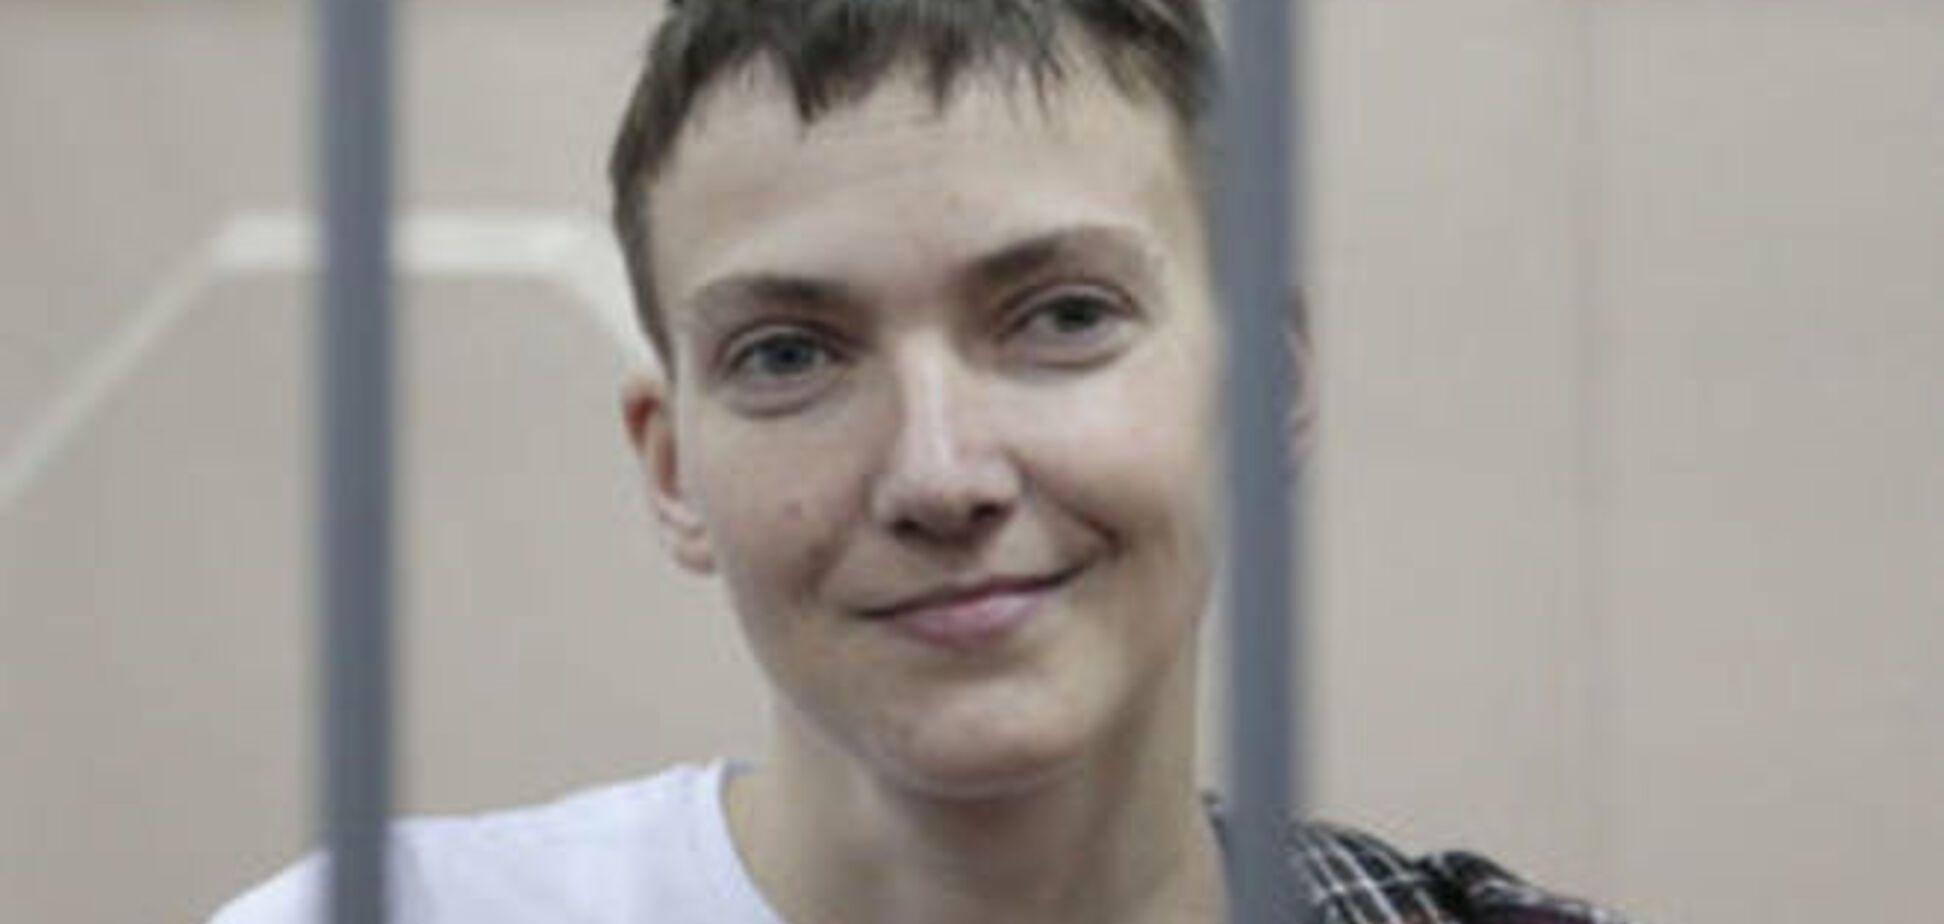 Захист Савченко анонсував вирішальну акцію на її підтримку